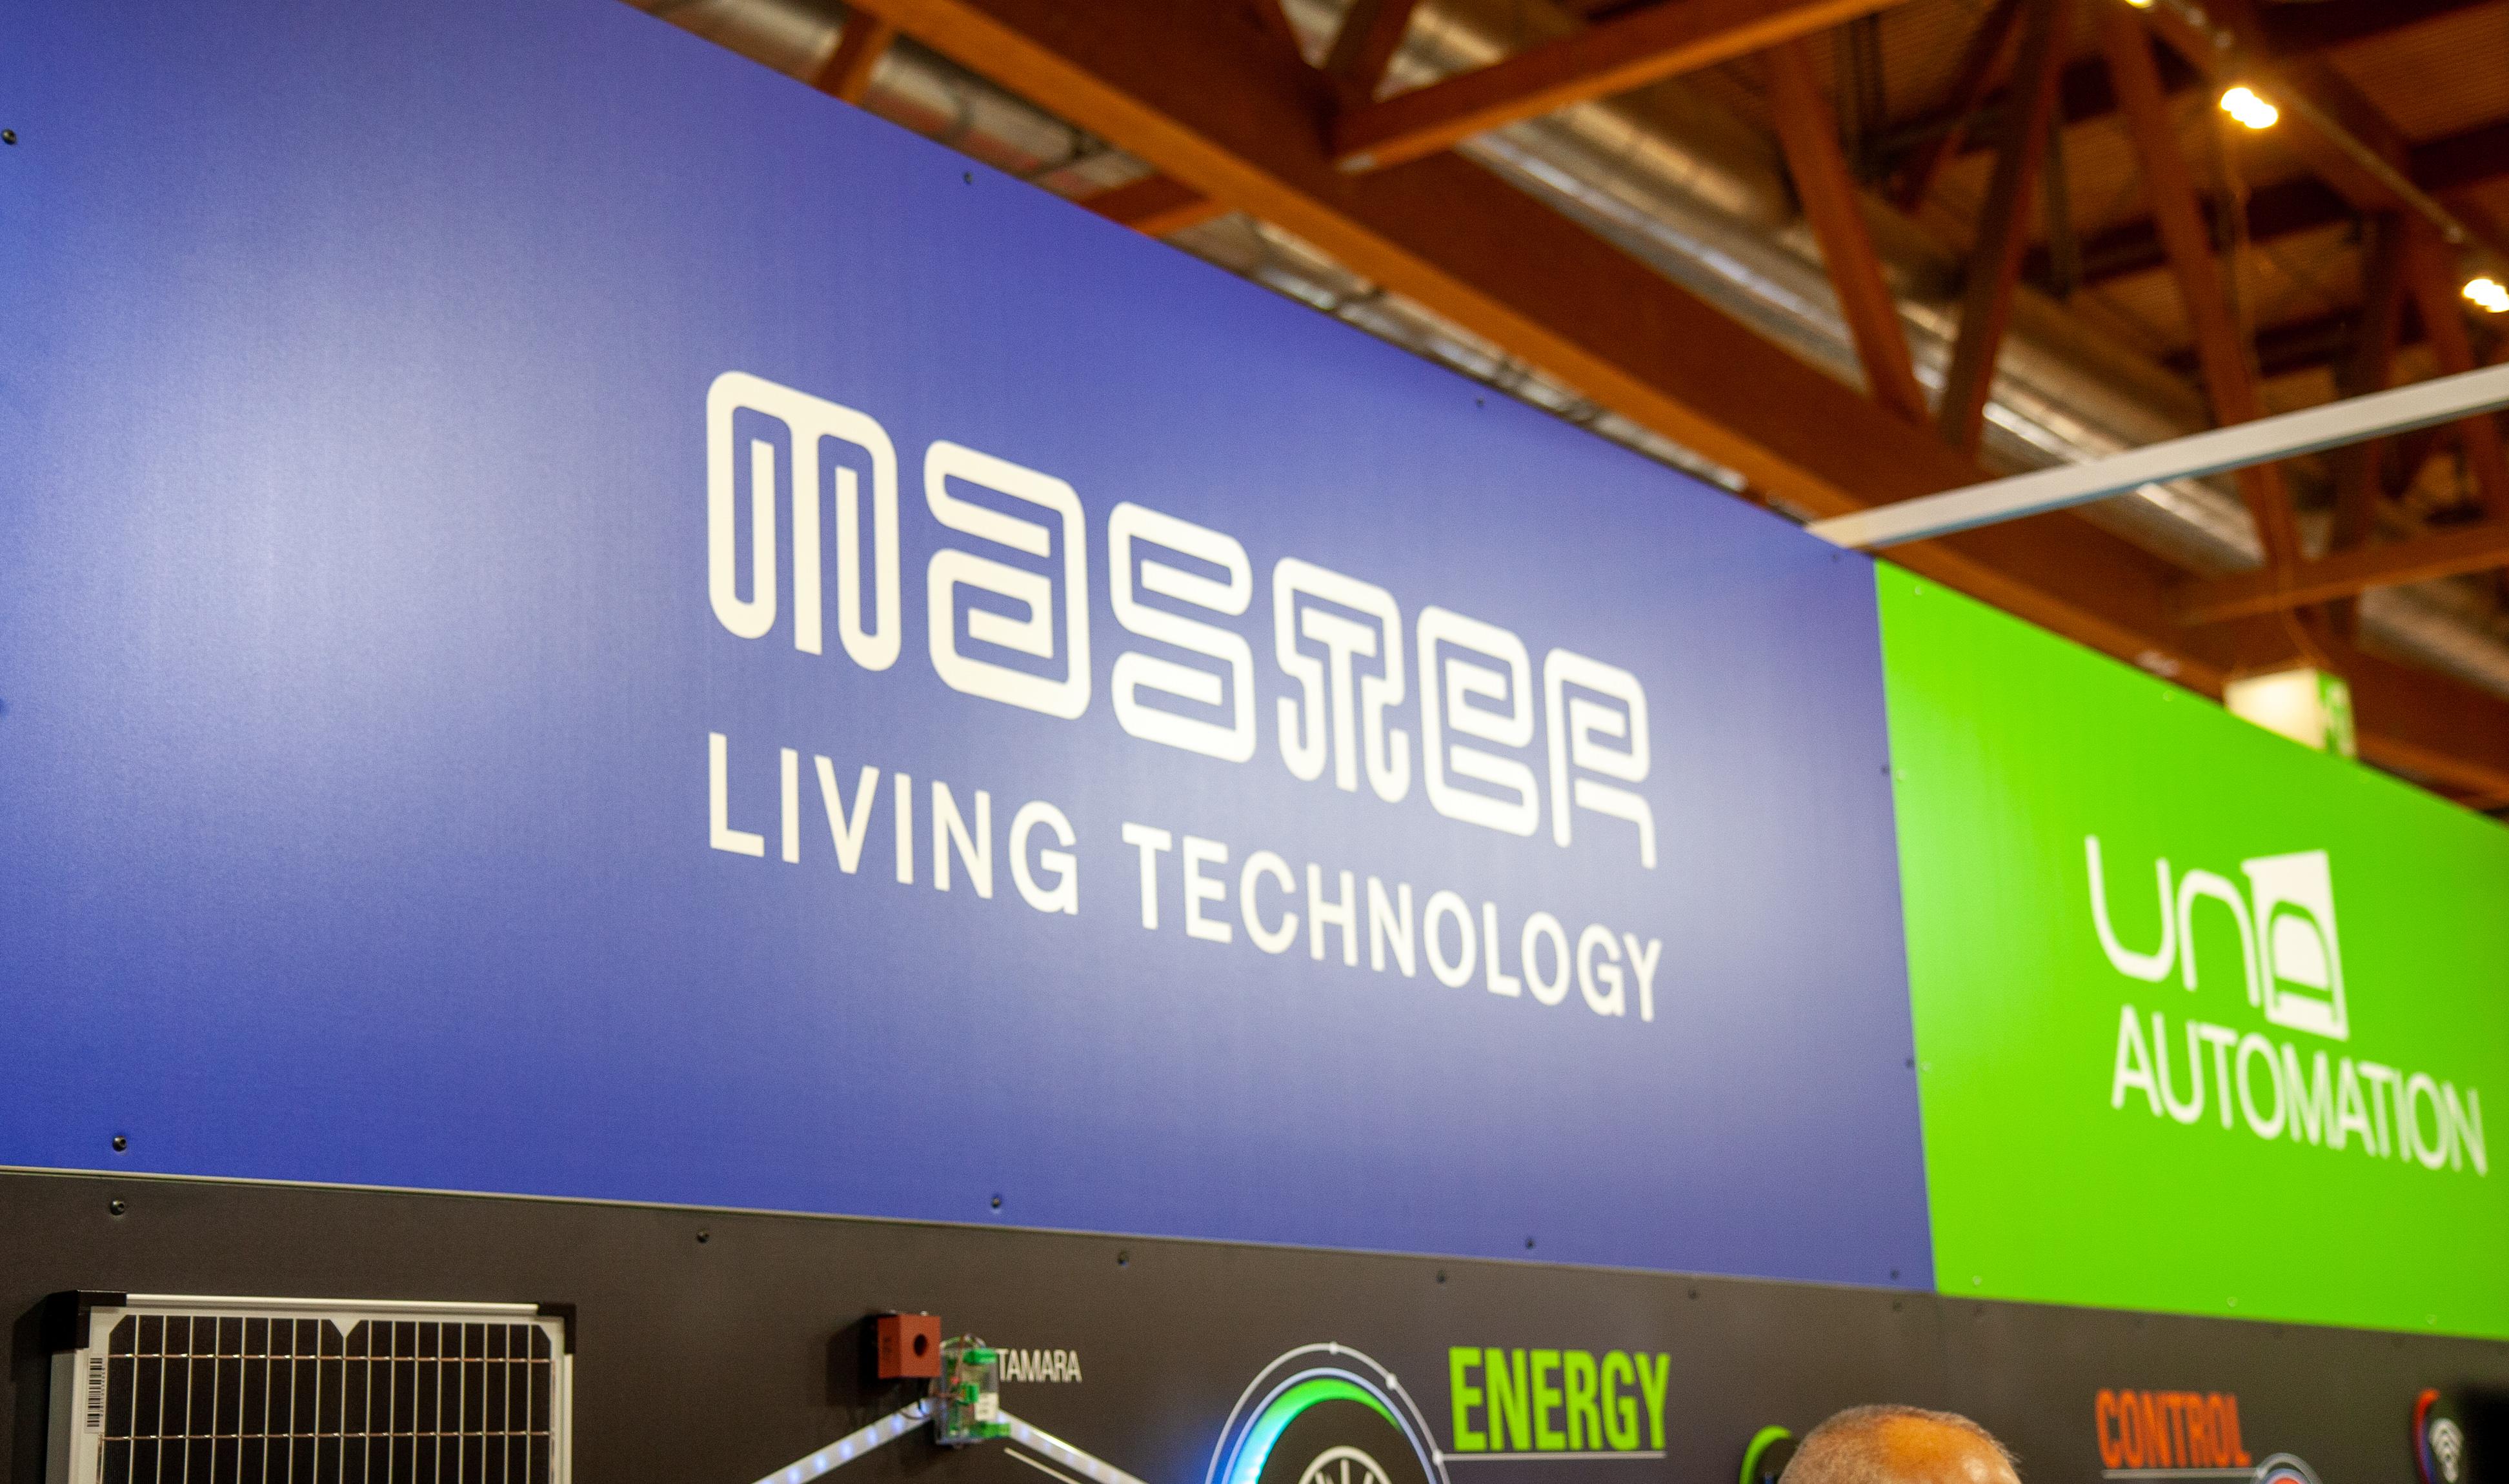 UNA Automation @ MEB in fiera 2019